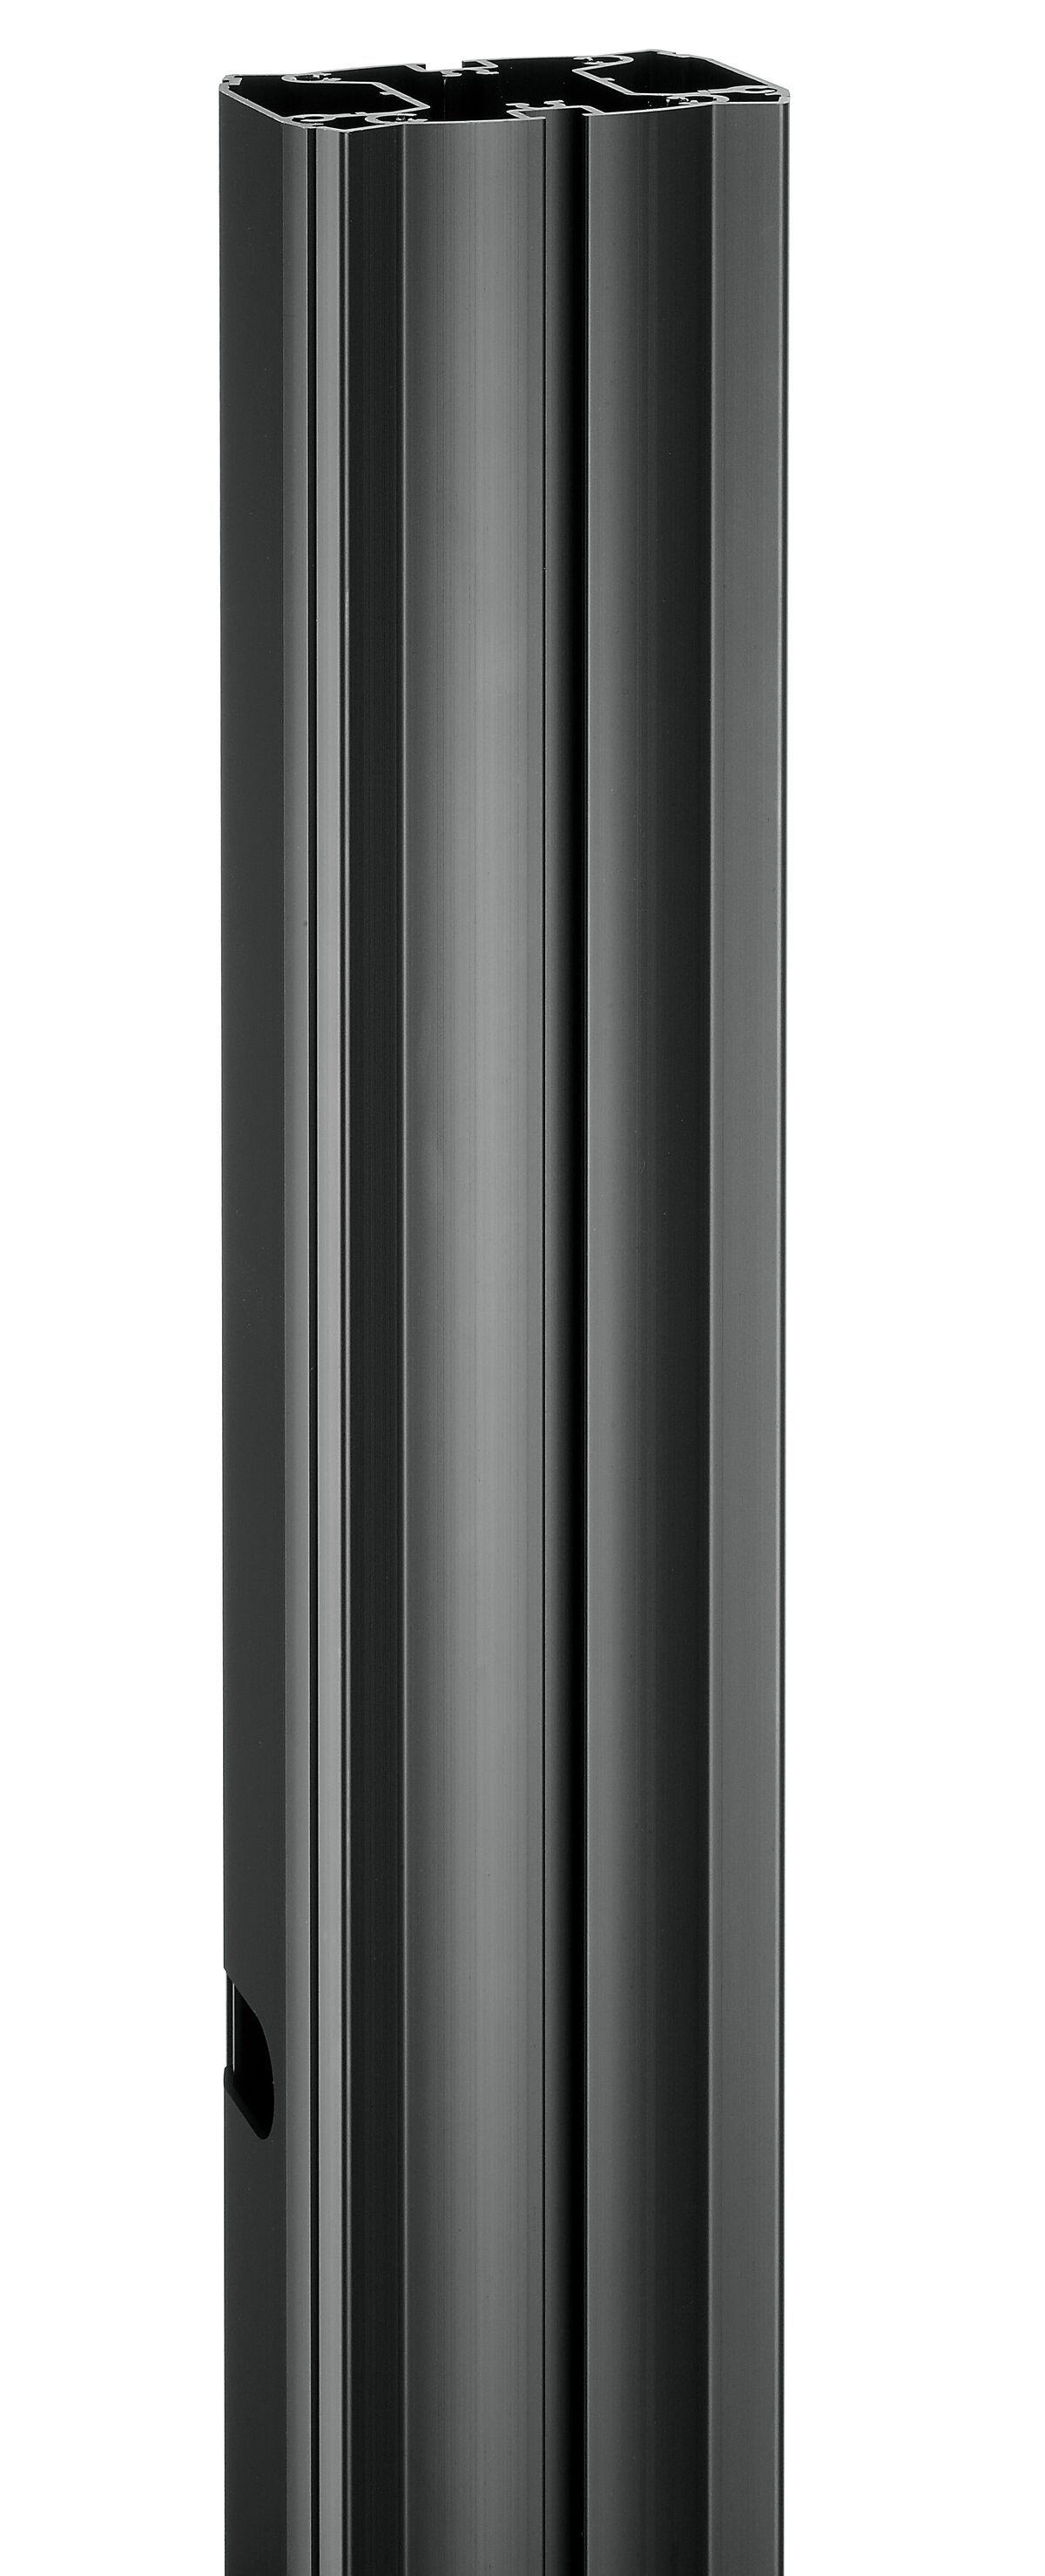 Vogel's PUC 2718 Profil schwarz - Product